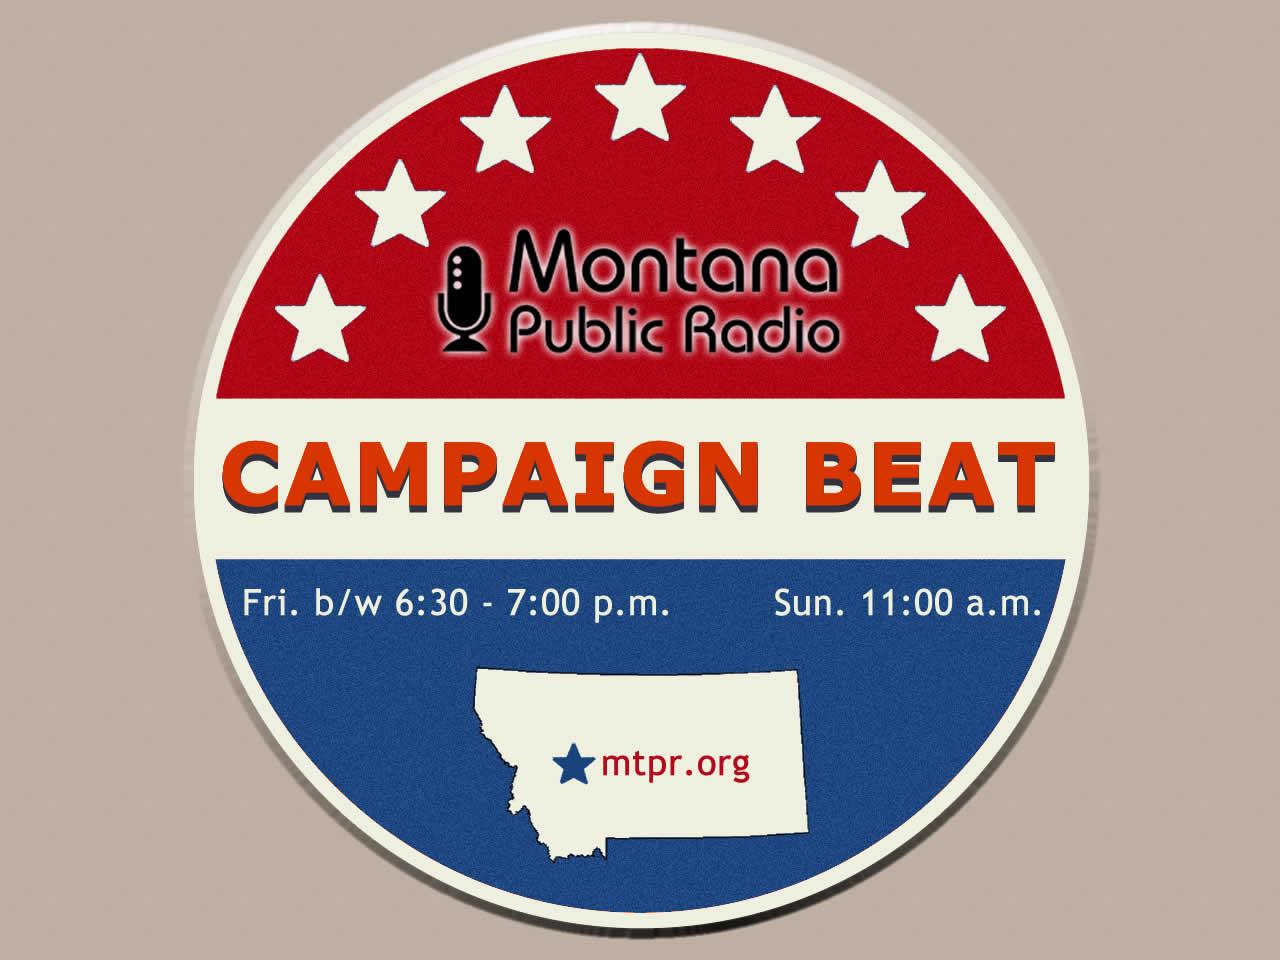 Montana Politics, Government & Election News - Magazine cover